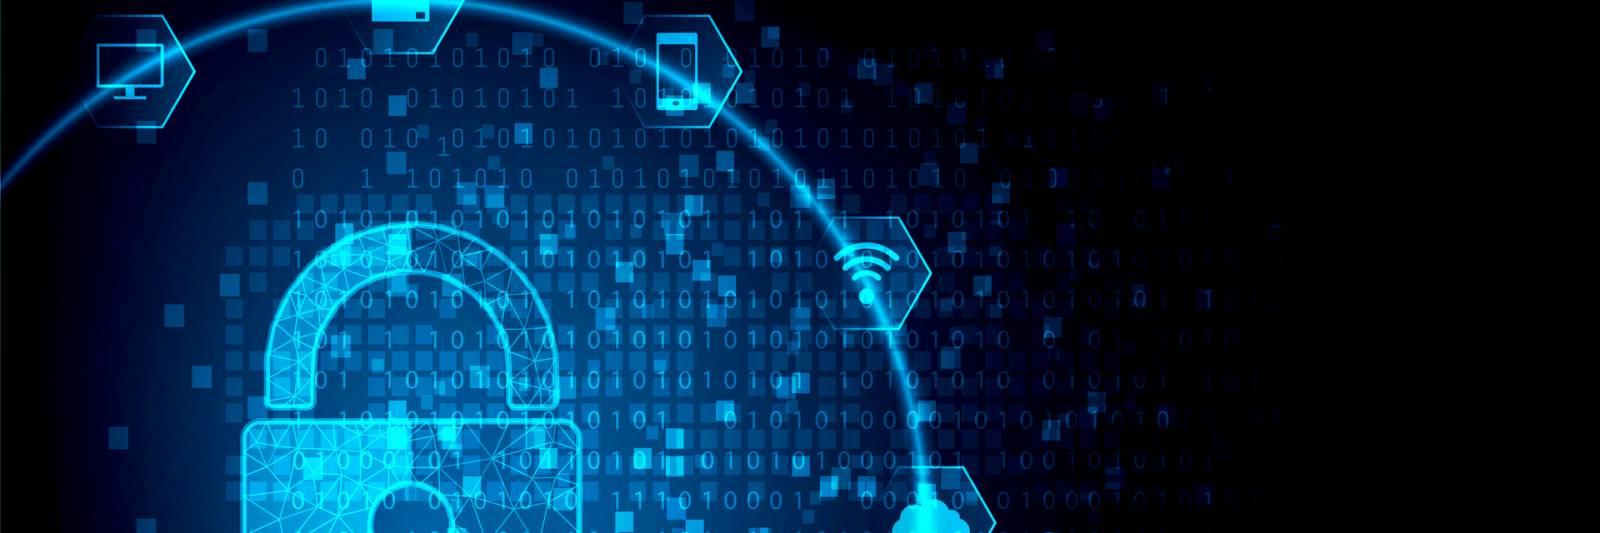 ukri invests £700k in digital security smes